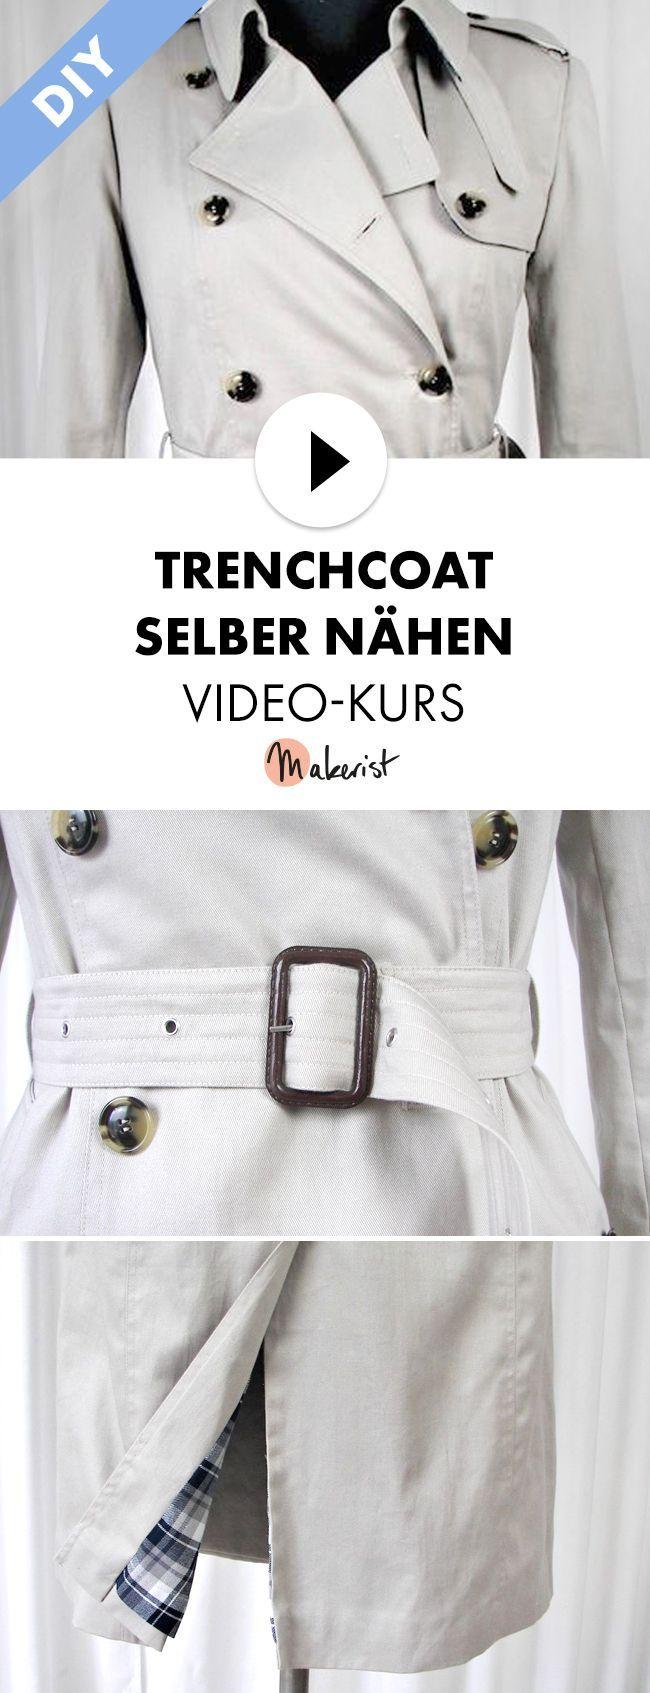 Klassischen Trenchcoat selber nähen lernen im Video-Kurs mit Schritt-für-S… – Miss Rosi – Nähen, DIY, Illustrationen & Design